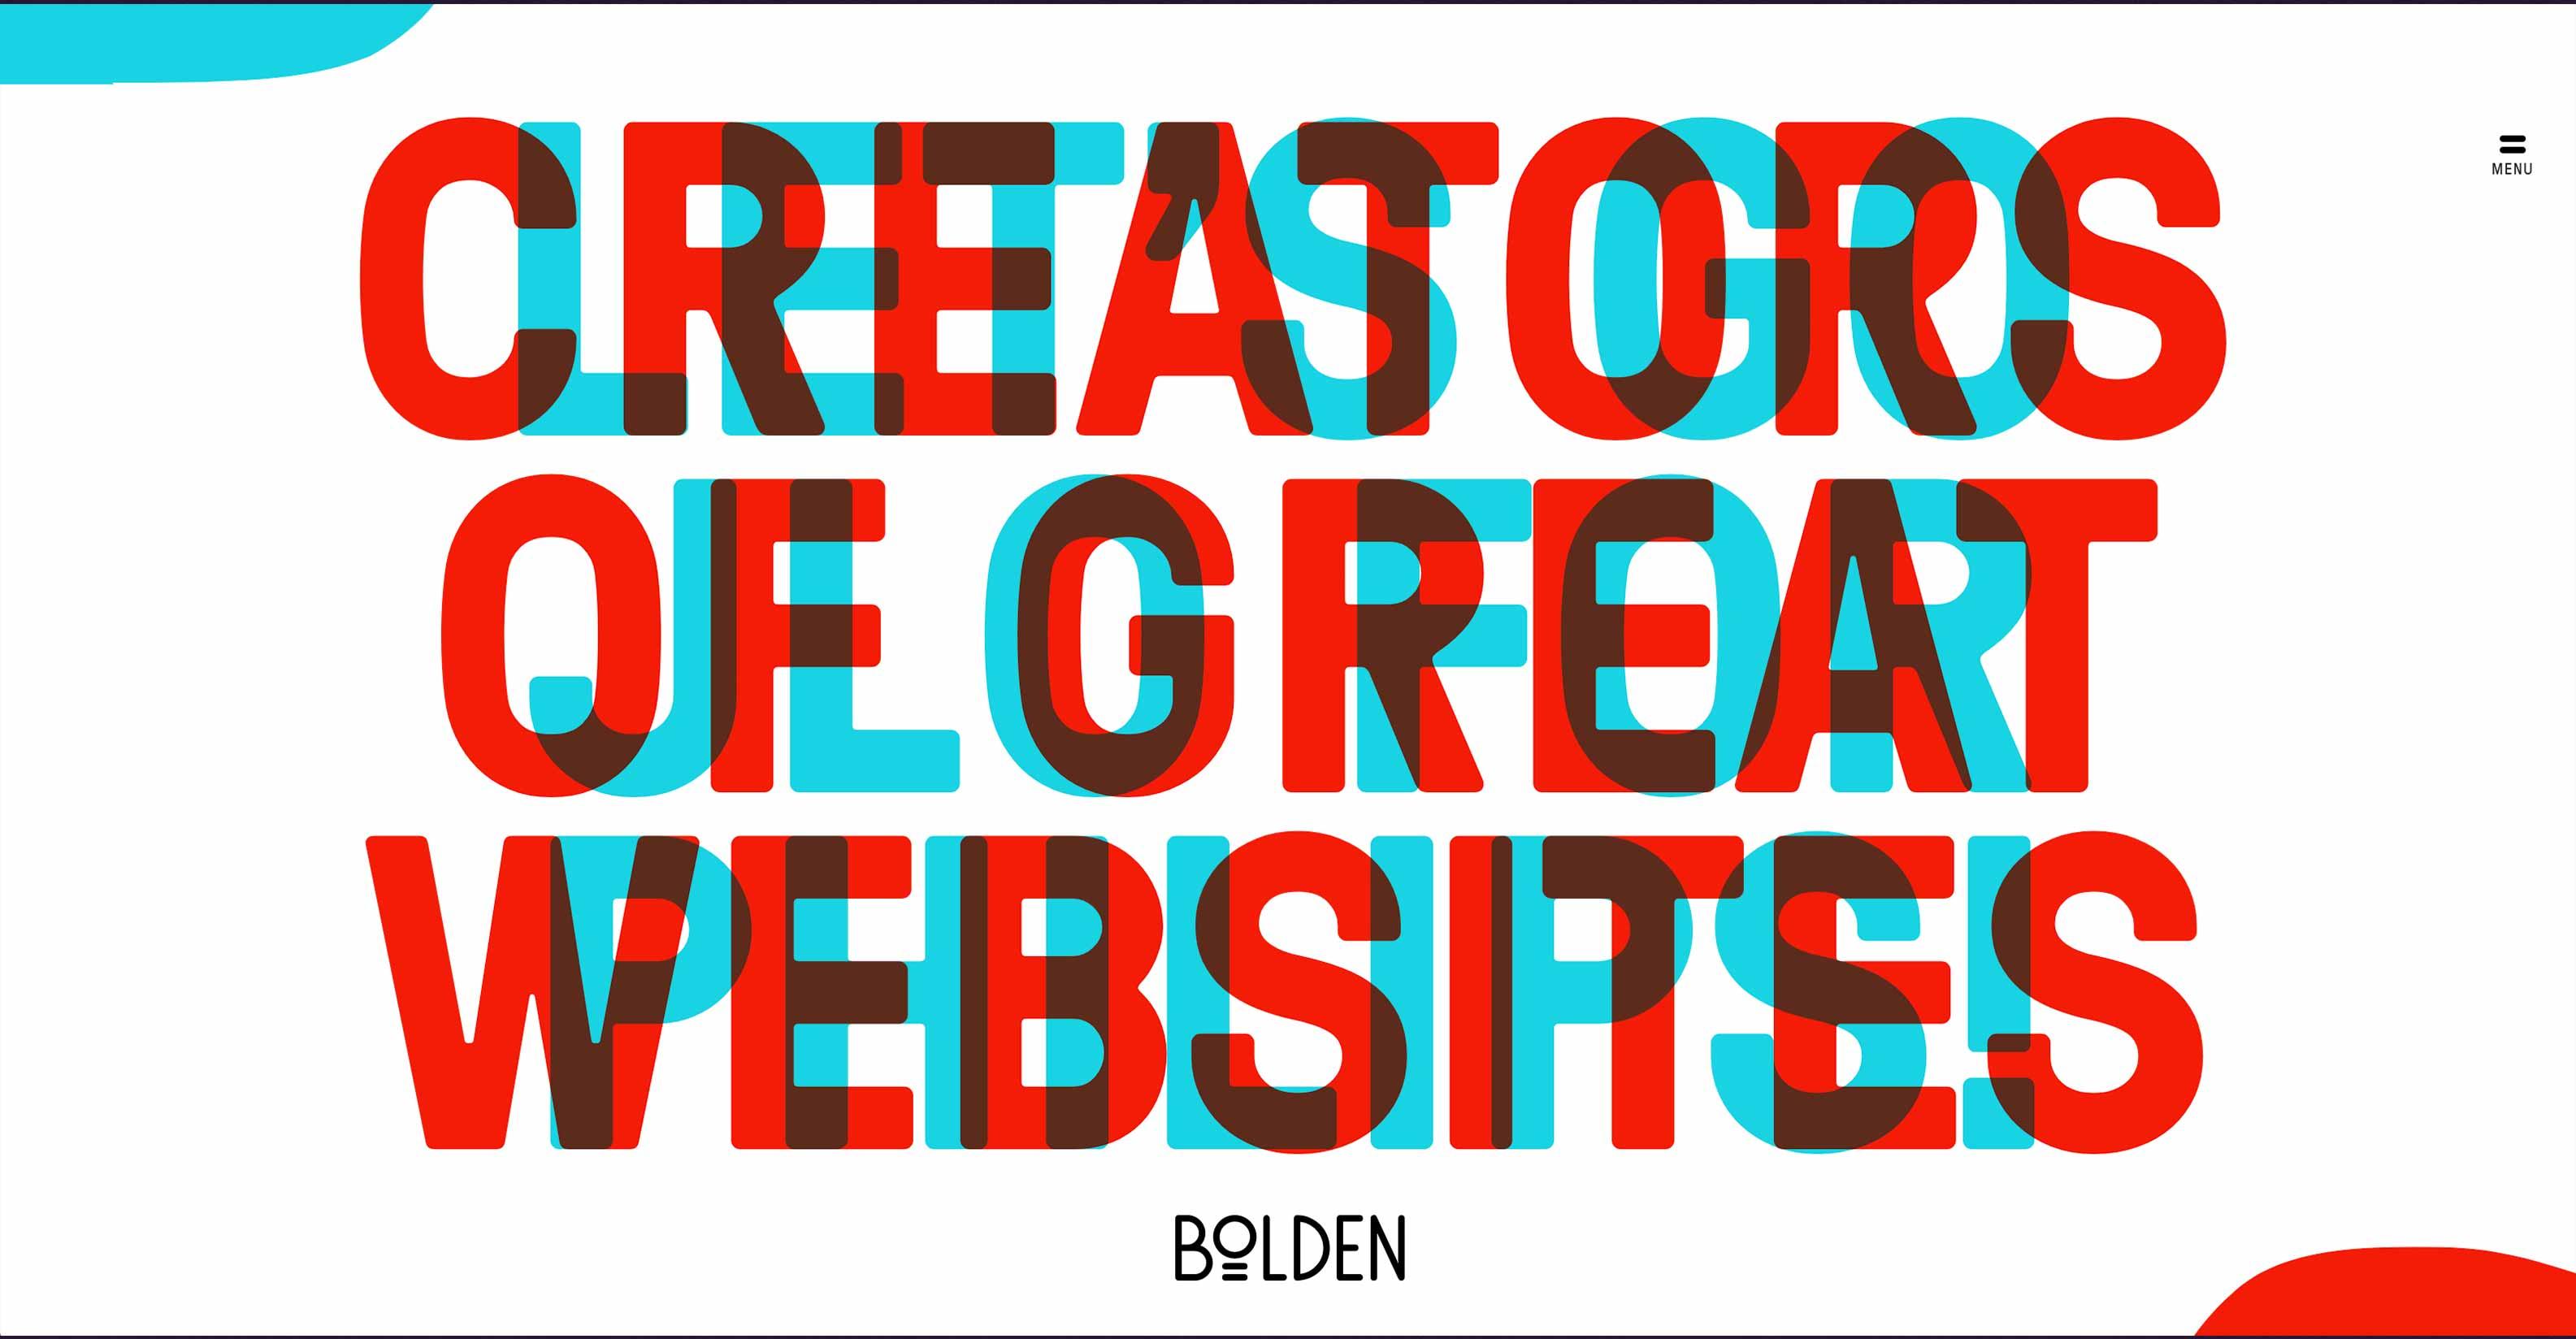 Idea Theorem Web Design Trends 2018